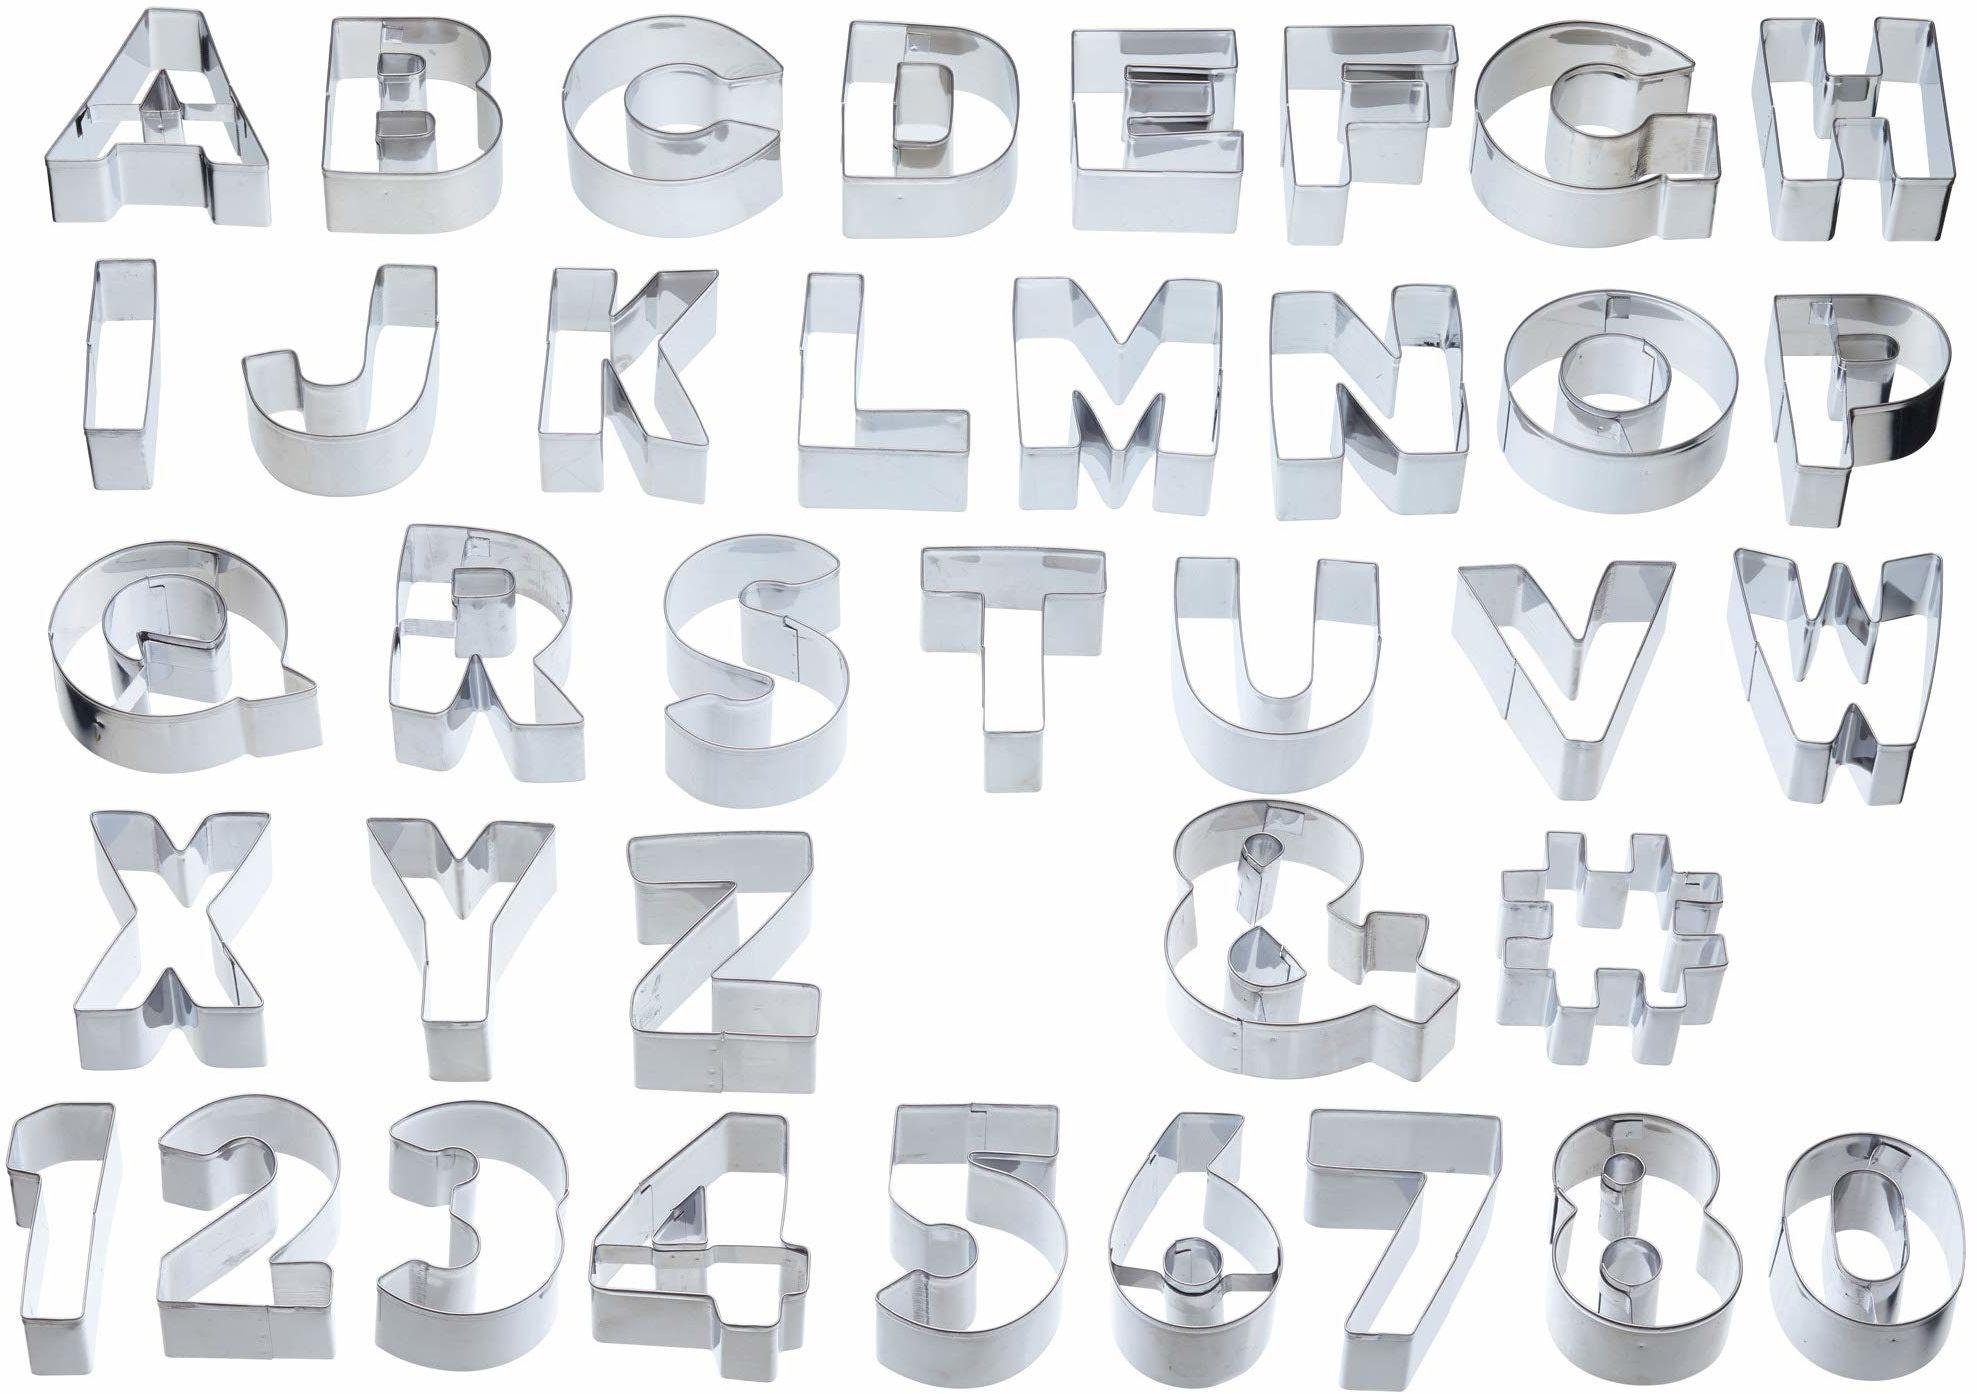 KitchenCraft Sweetly Does It alfabet foremki do ciastek zestaw z torbą do przechowywania, w pudełku upominkowym, metal (zestaw 34 dużych szablonów liczb i liter)